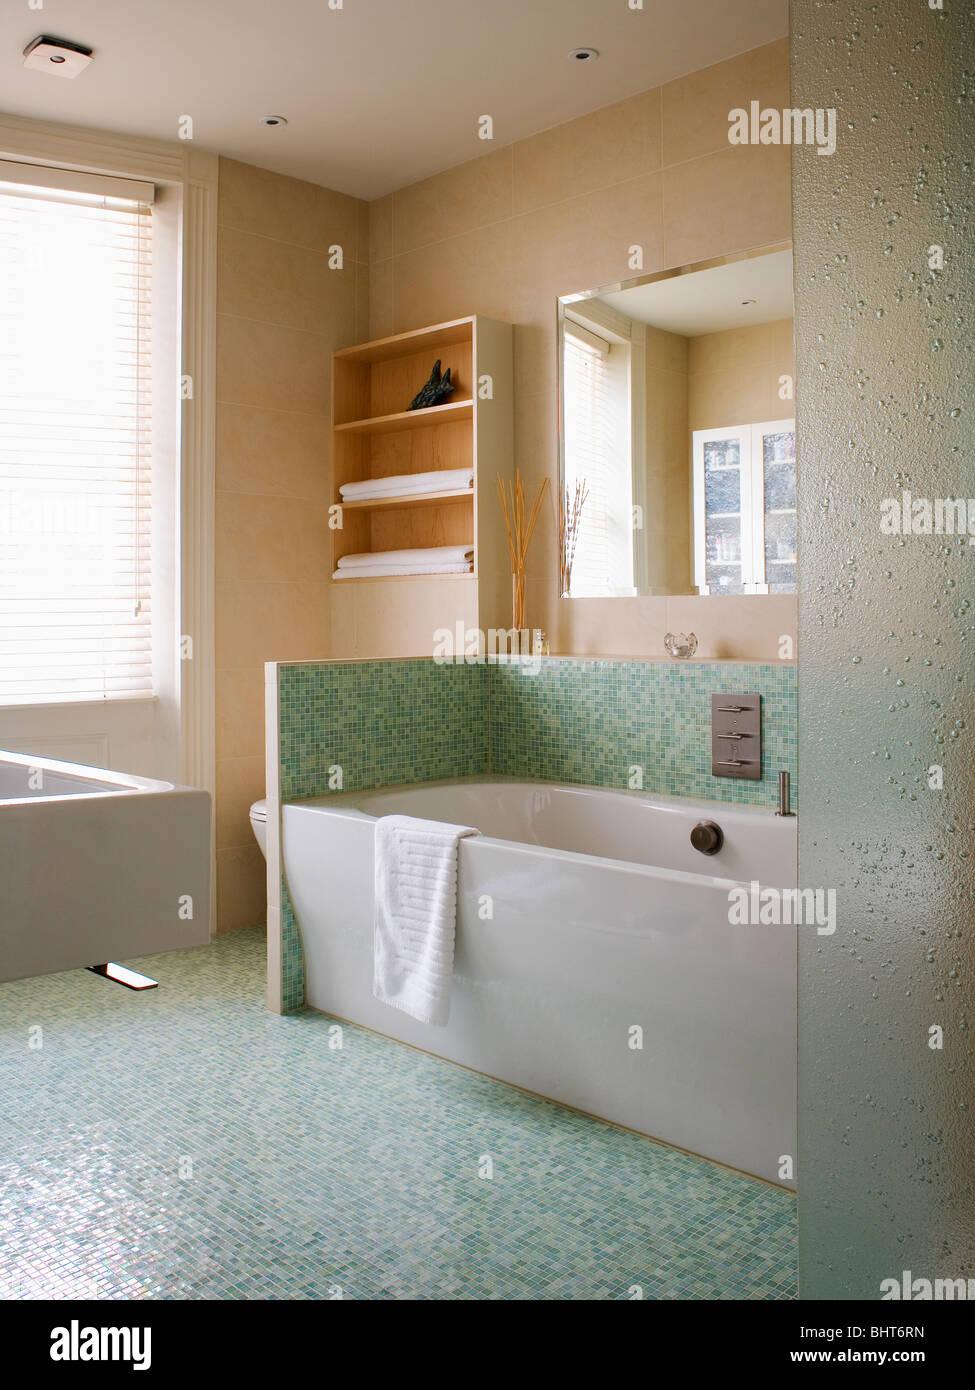 Carrelage Mosaique Vert Et Splash Au Dessus De Baignoire Blanc Dans